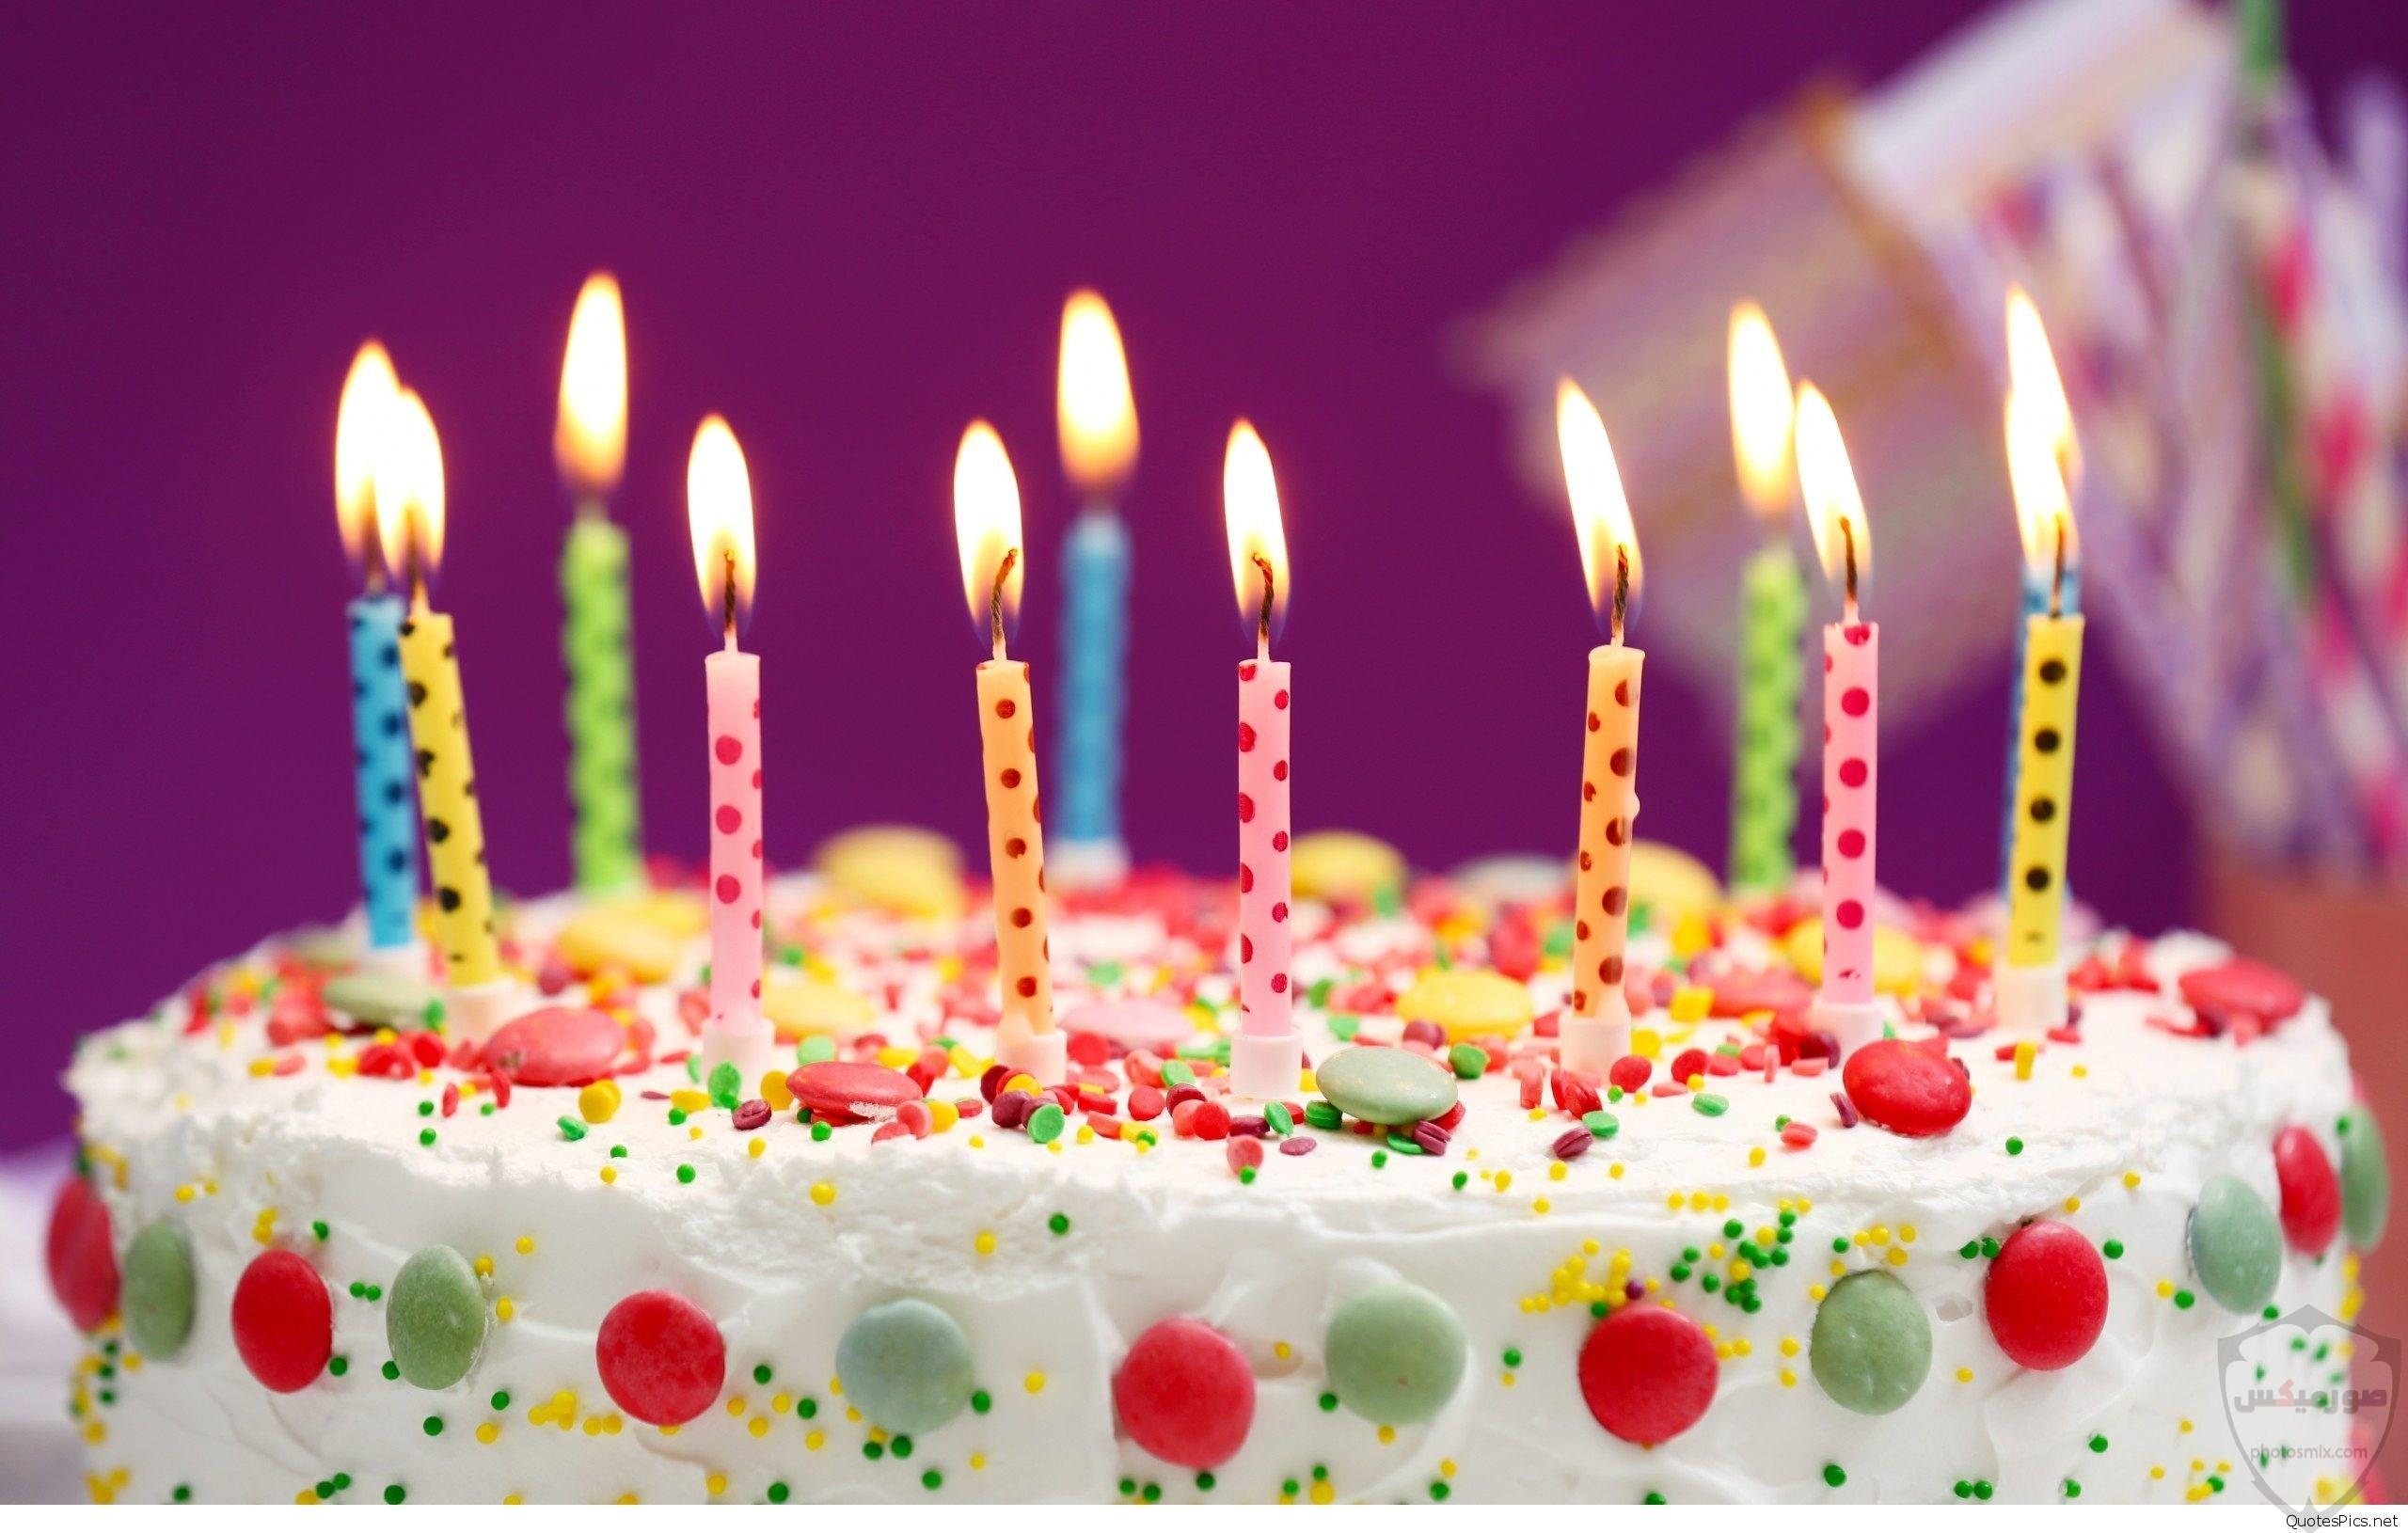 اجمل صور تورتة عيد ميلاد للاحتفال بالحبيب والصديق 3